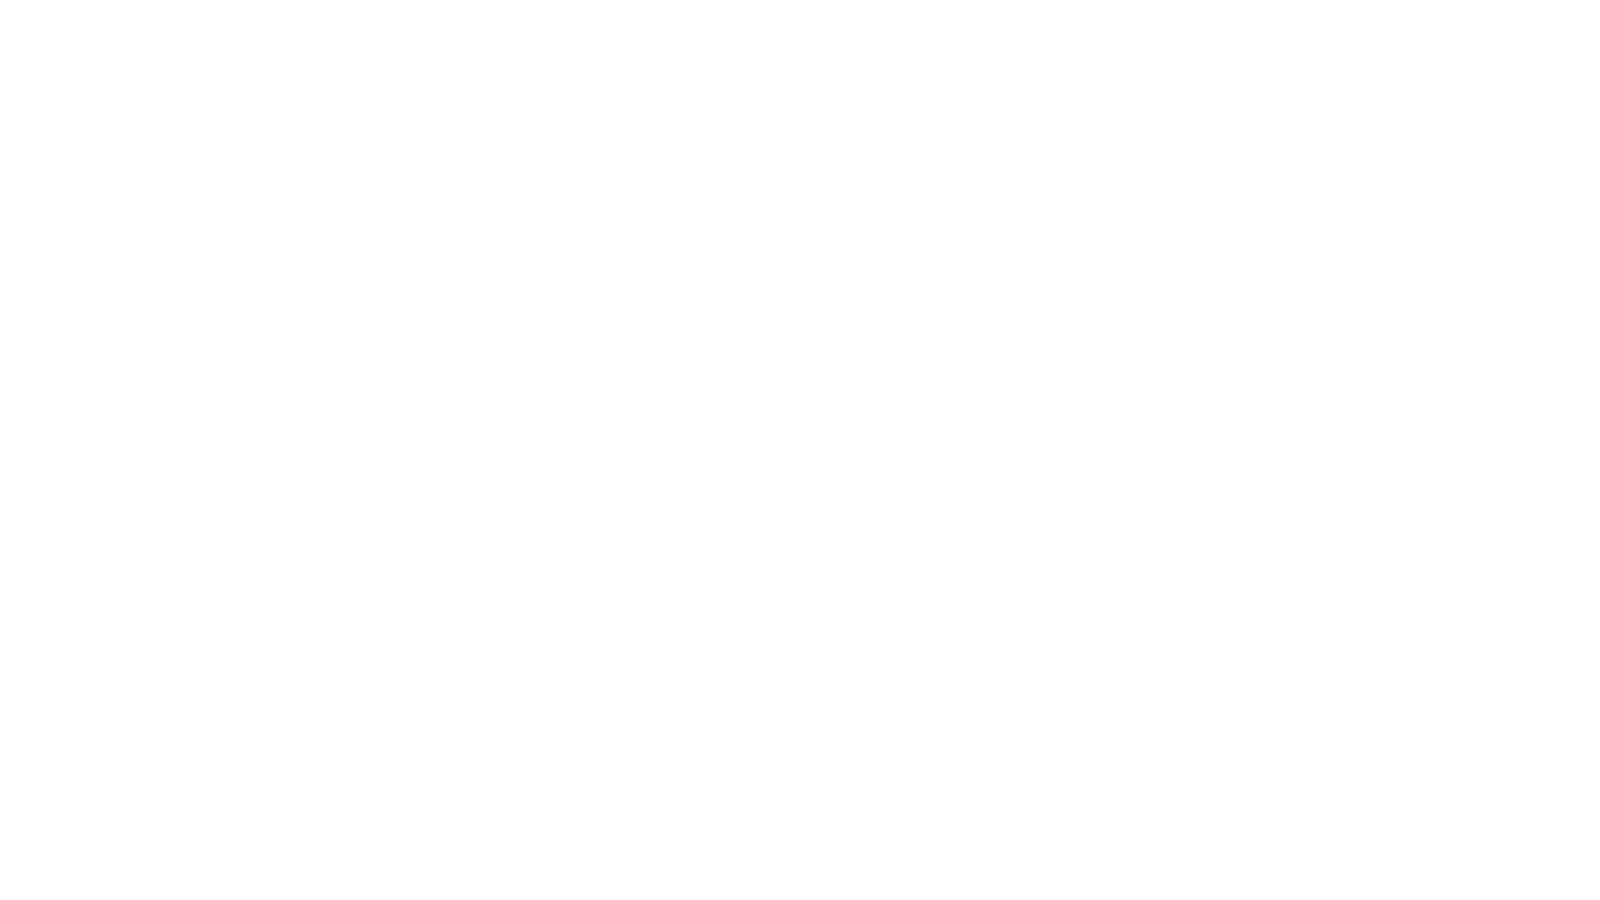 Los entrenadores de Iniciación de lucha olímpica: Yens López y Matías Morales- han estado realizando como actividad habitual los días sábados, encuentros con entrenadores, luchadores y ex-luchadores destacados, con el objetivo de mantener motivados a los niños y niñas en esta etapa que hemos estado enfrentando con respecto a la situación pandemia COVID-19. Una instancia maravillosa para nutrirse de las experiencias de personalidades importantes dentro de la lucha chilena. Entre algunos de los invitados podemos mencionar a: los entrenadores Reinaldo Peña, Yanny Gajardo;  nuestros campeones Andrés Ayub y Eduardo Gajardo; y algunos luchadores seleccionados como Antonia Valdés, Matías Muñoz y Cristóbal Torres.